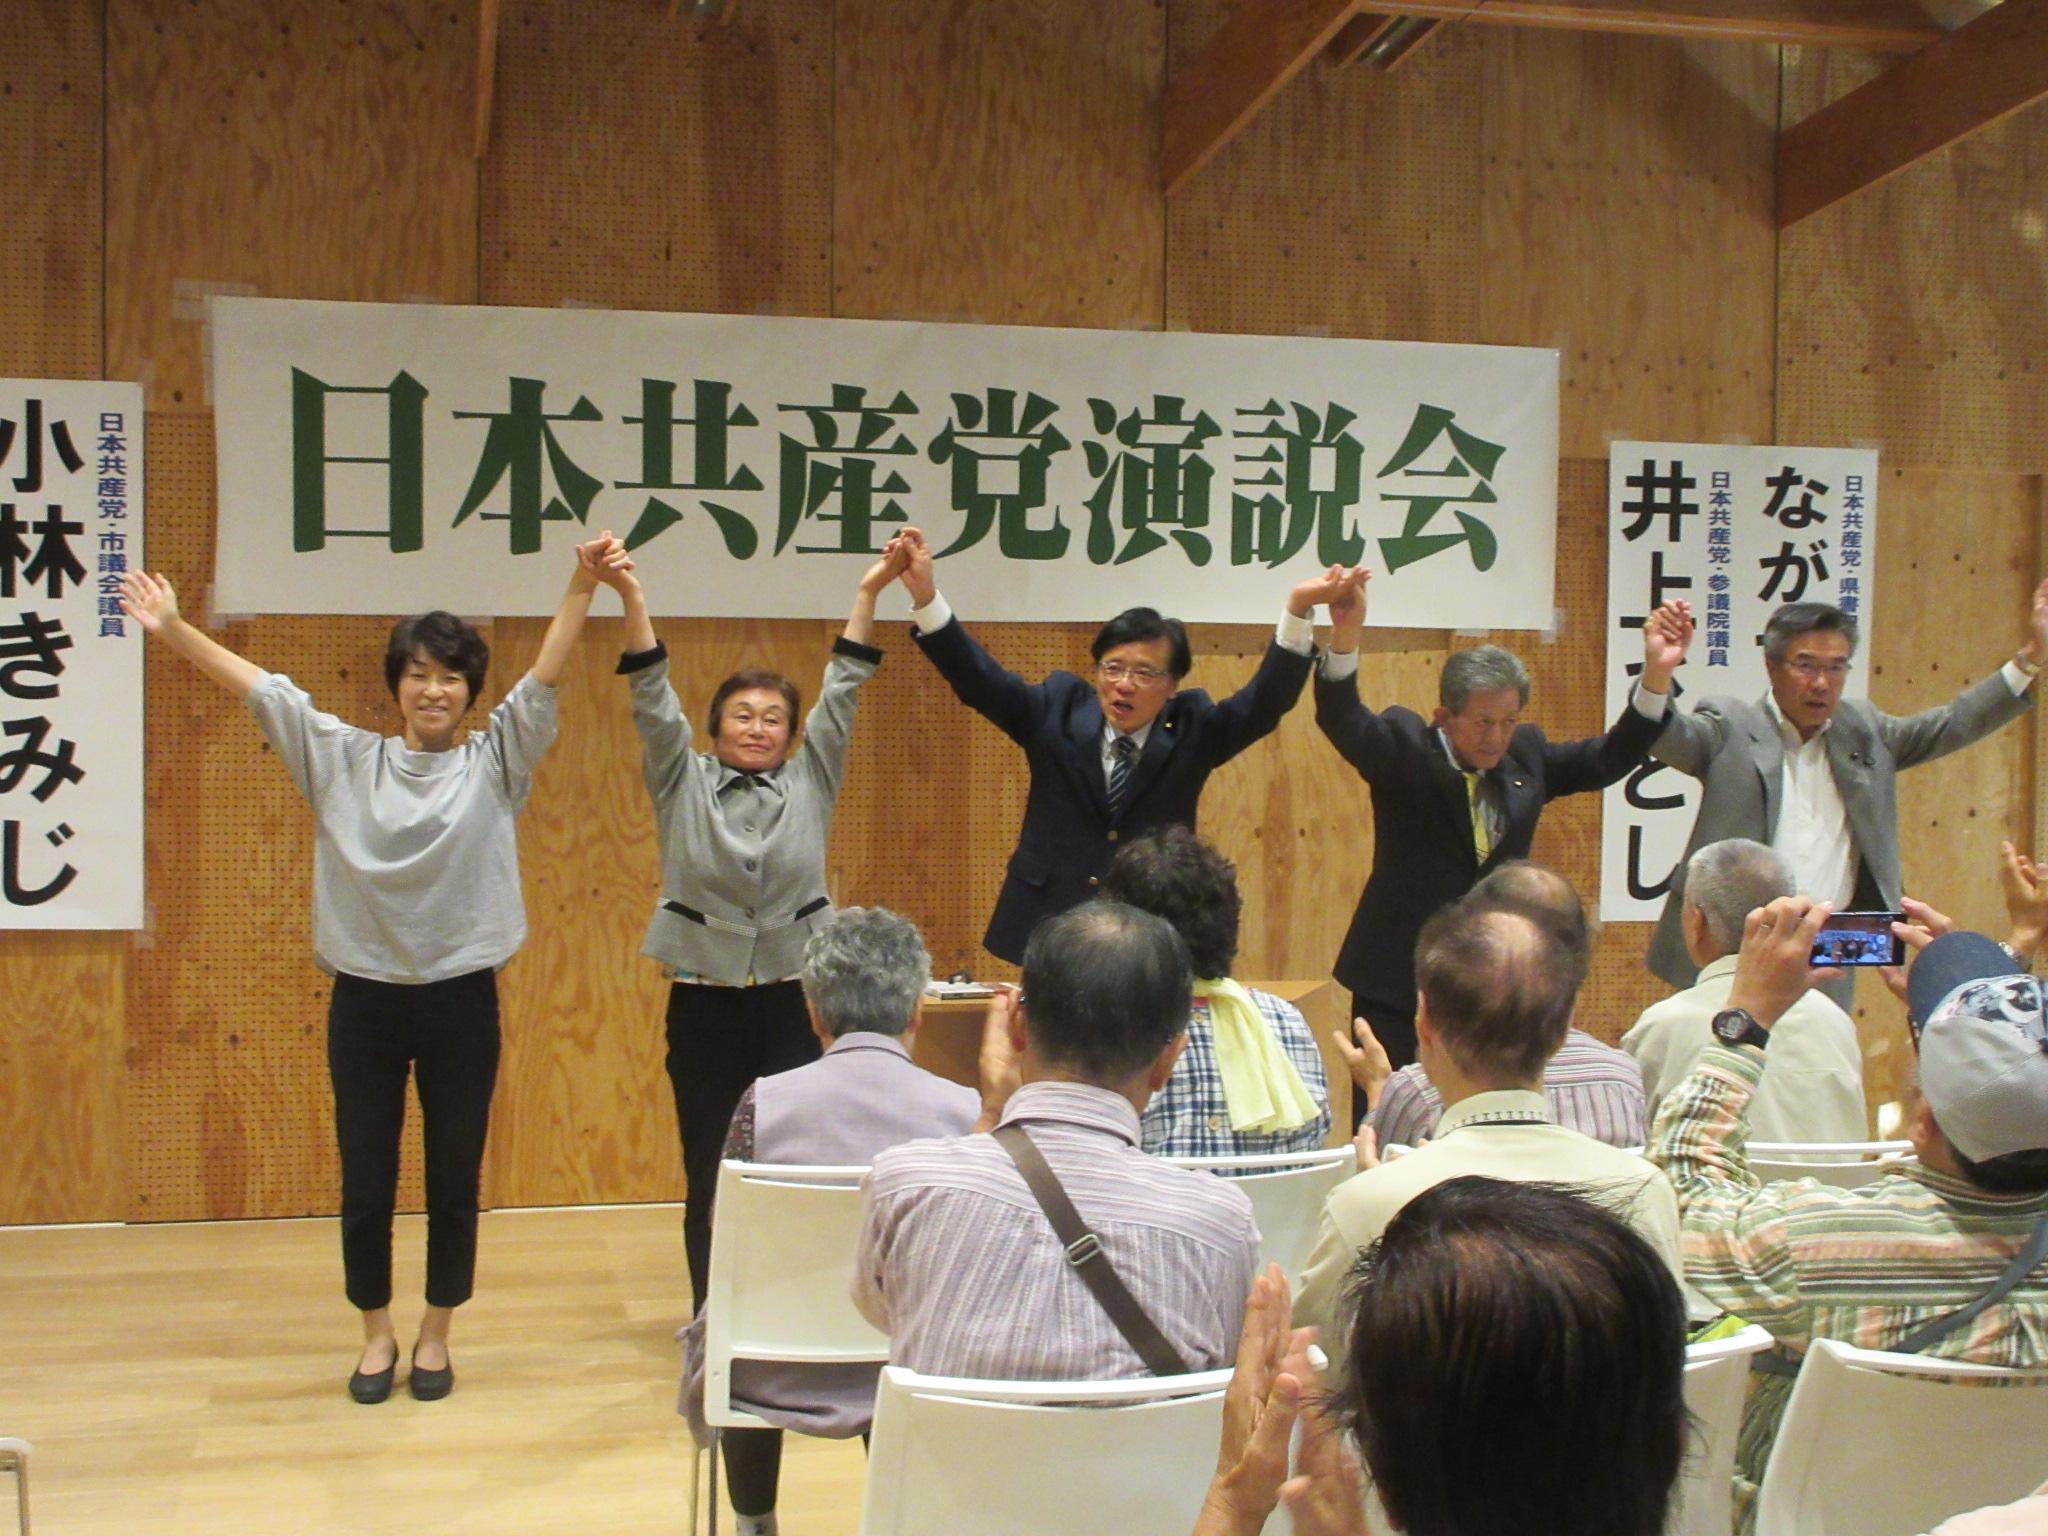 http://www.inoue-satoshi.com/diary/IMG_6341.JPG